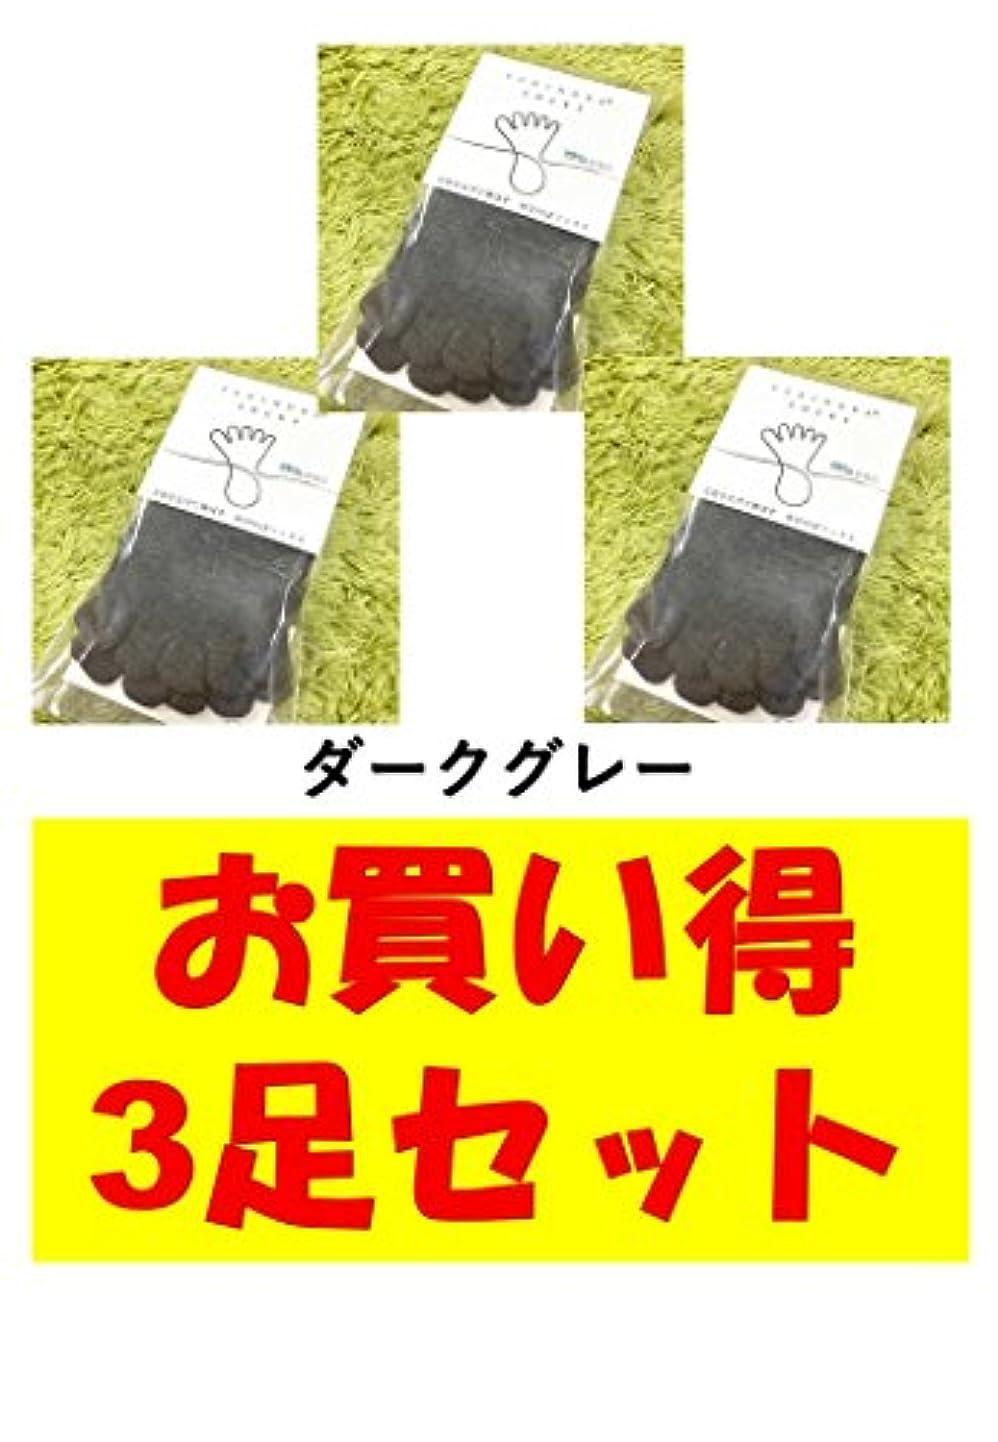 詳細にアイドル降雨お買い得3足セット 5本指 ゆびのばソックス ゆびのばレギュラー ダークグレー 女性用 22.0cm-25.5cm HSREGR-DGL